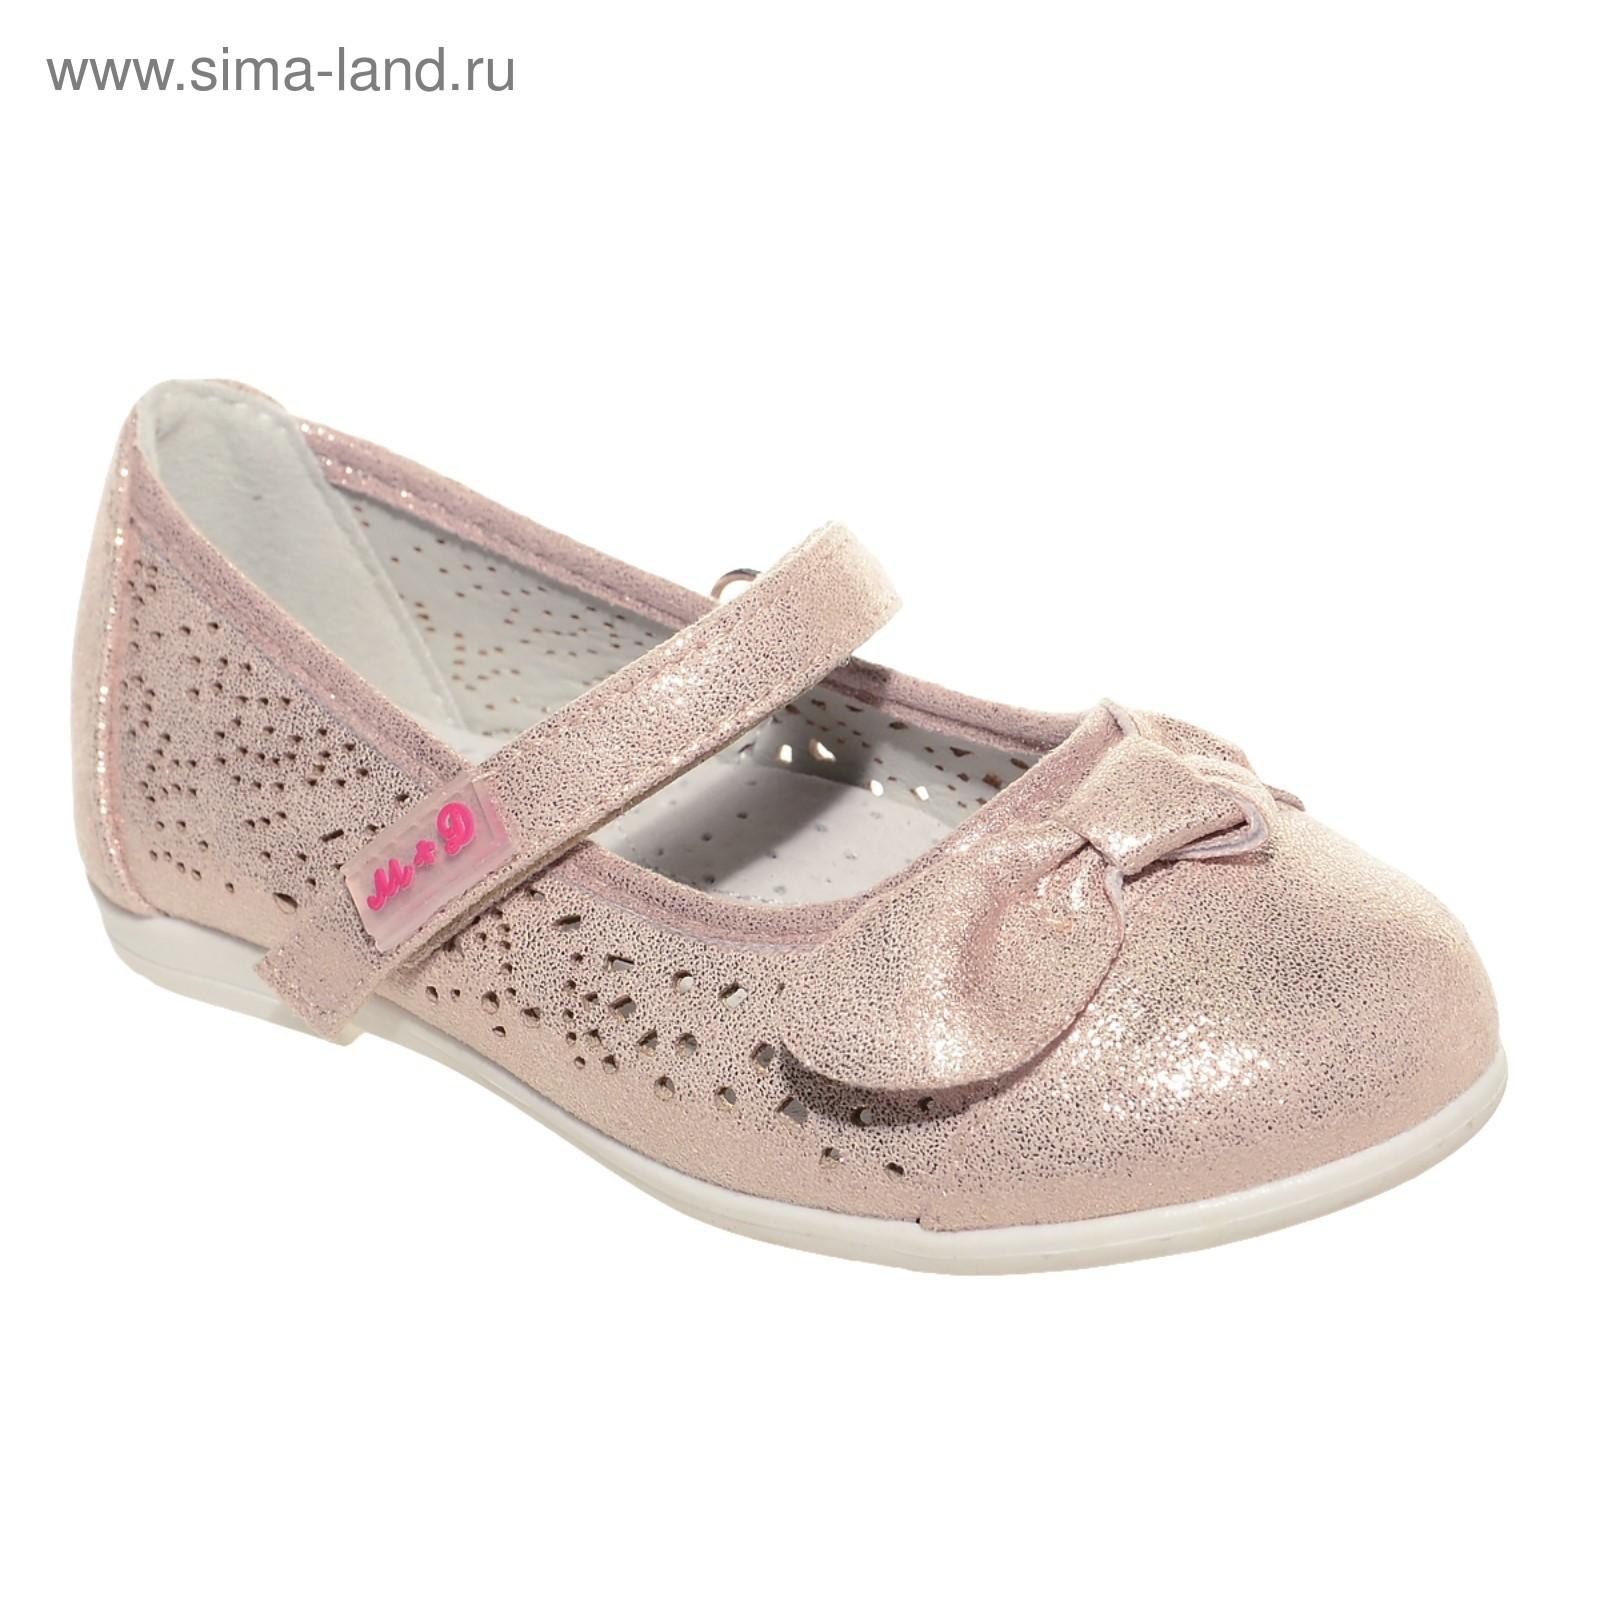 c306195396e8 Туфли для девочки, 12 пар в коробе 1718 21 (3595422) - Купить по ...